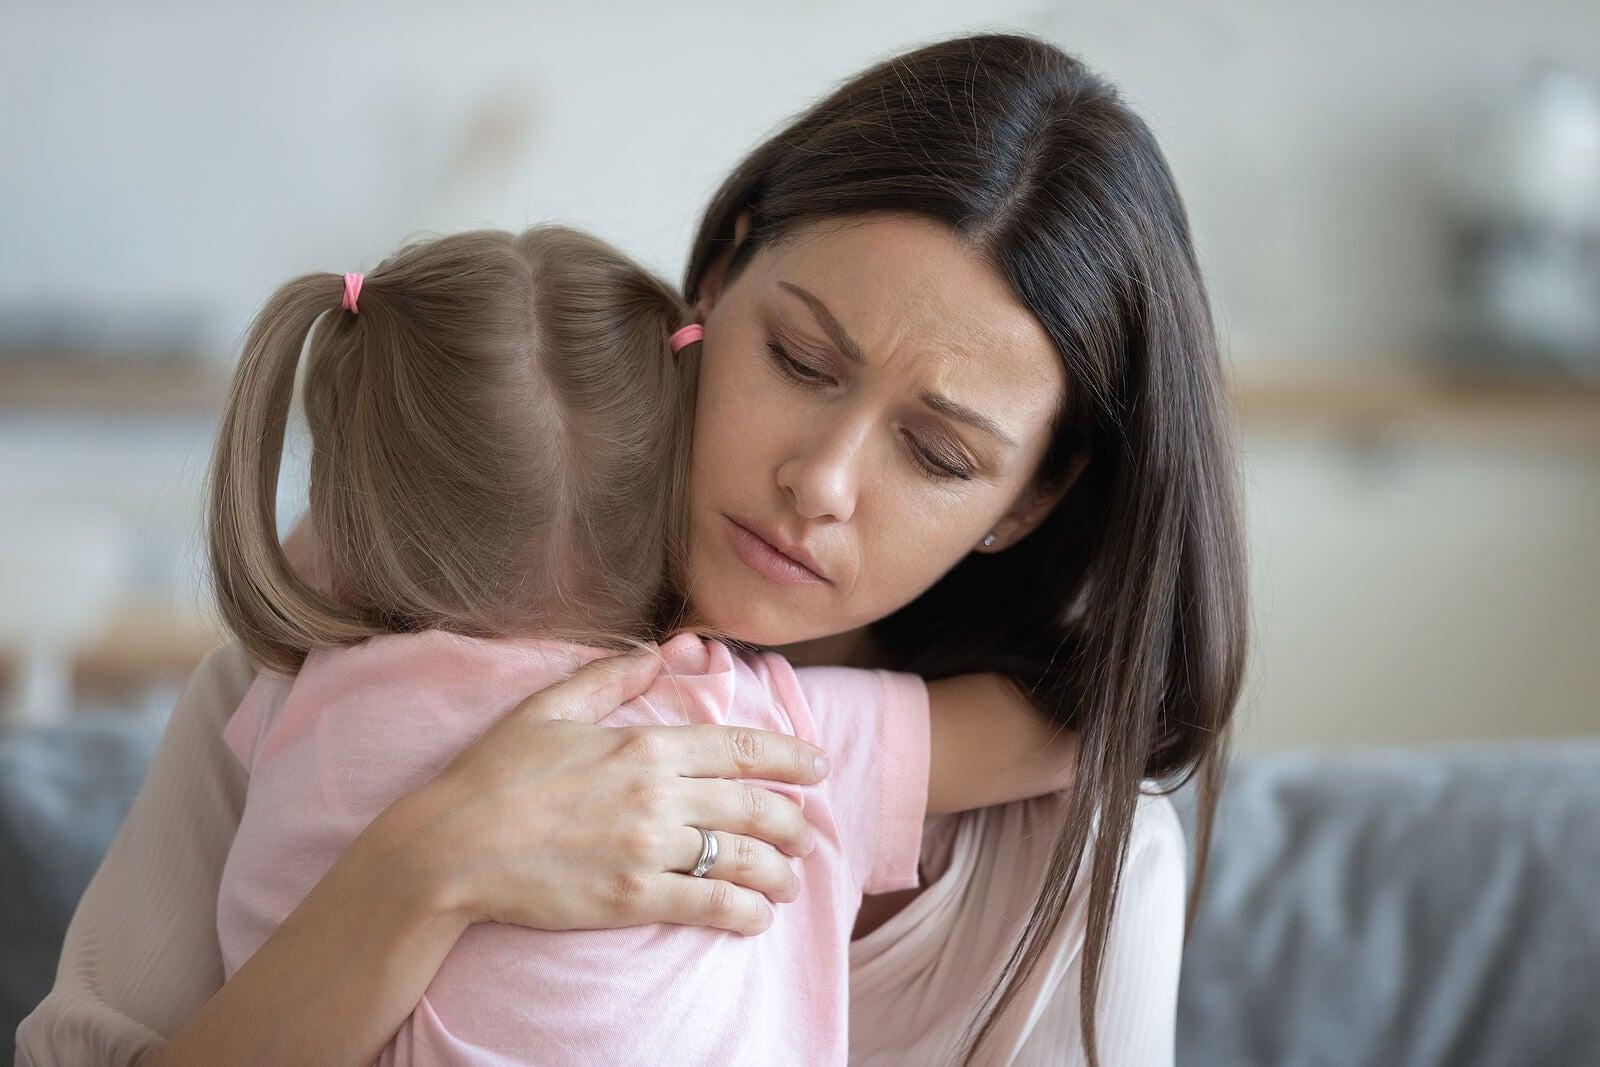 Hija abrazando a su madre par aliviar su ansiedad a causa de la parentificación.